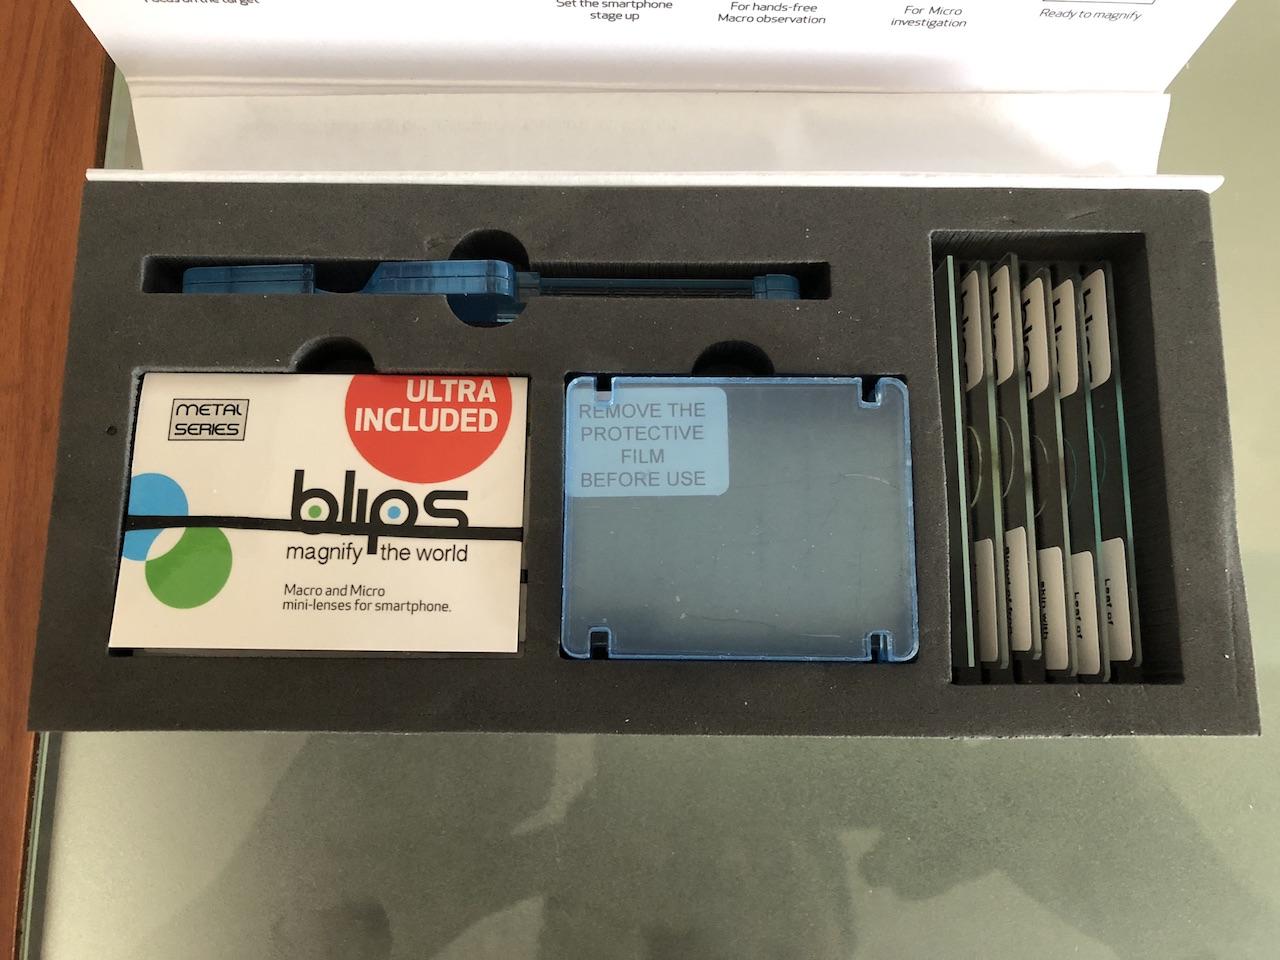 Composizione interna scatola lenti Blips